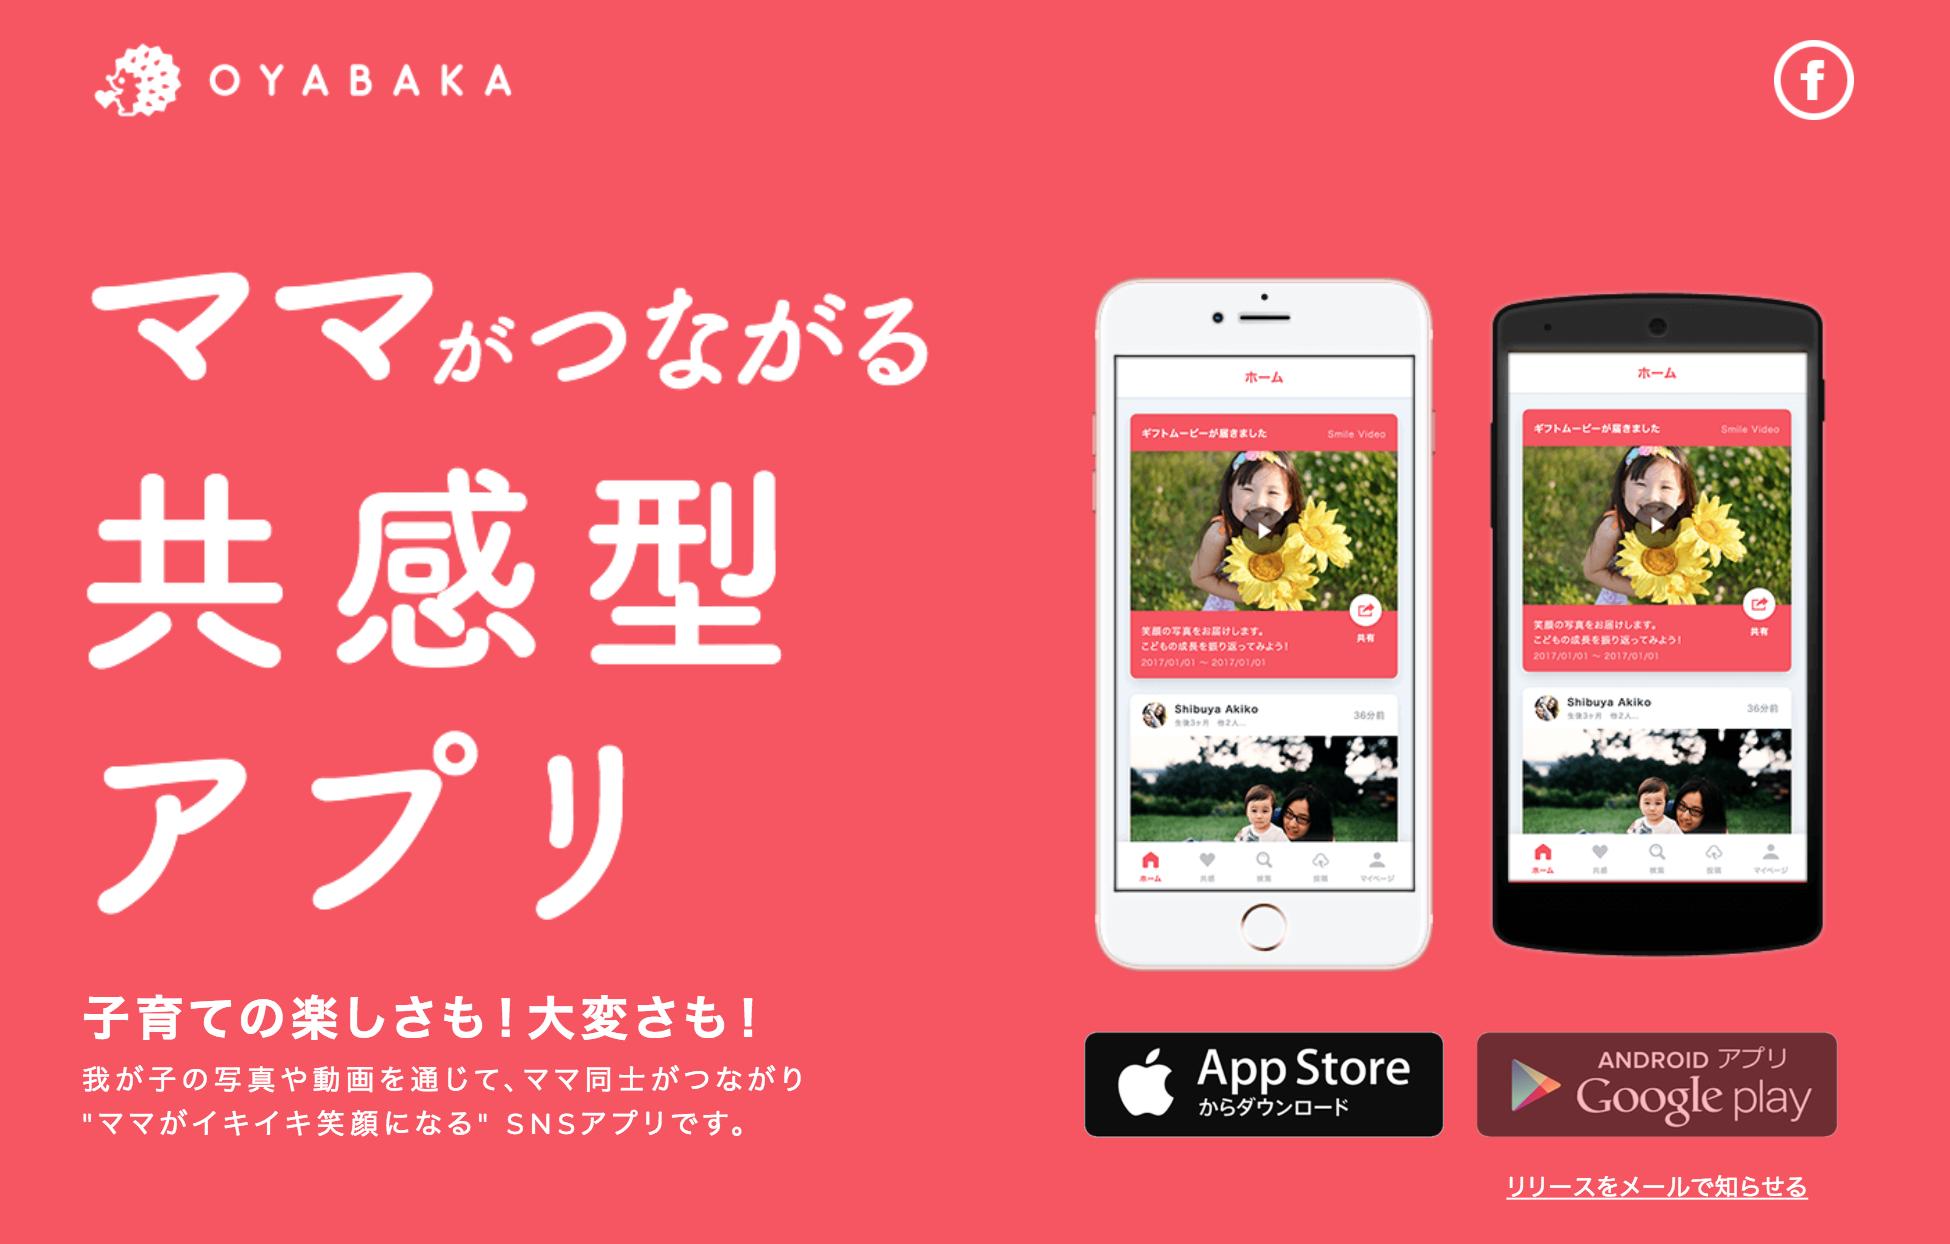 iphoneアプリメイン画像